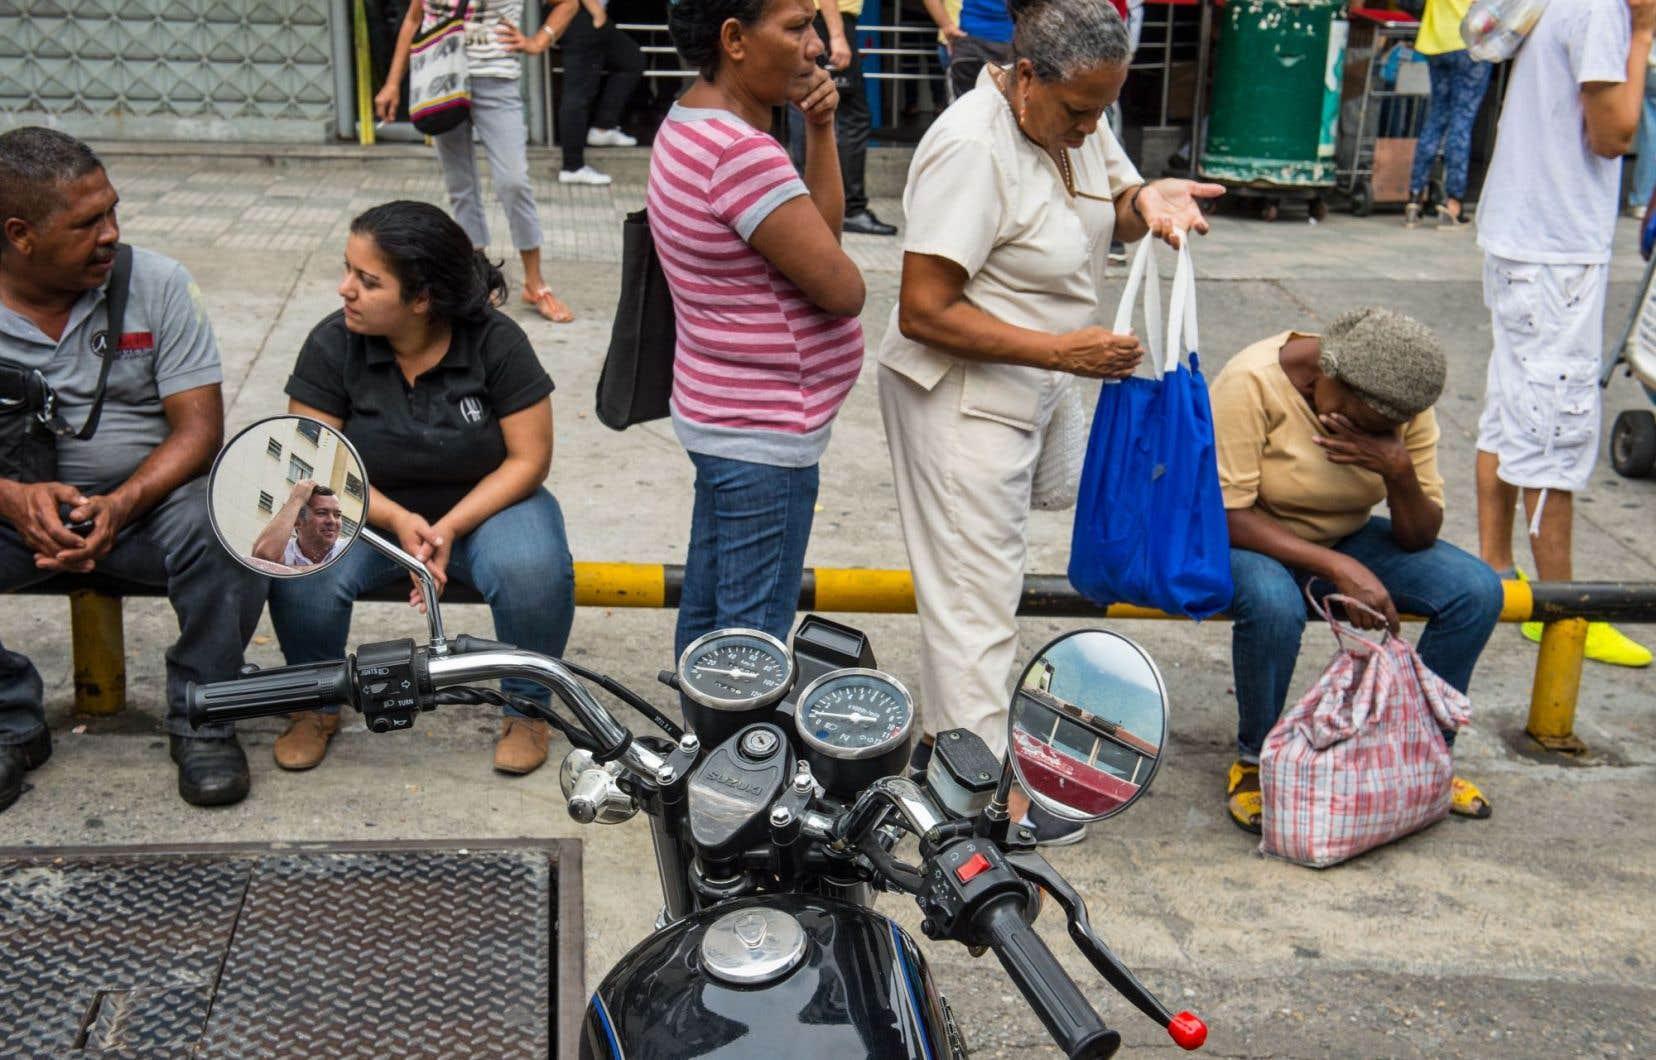 Sur fond d'inflation galopante et de pénuries récurrentes, les files d'attente devant les supermarchés et les pharmacies alimentent les tensions.